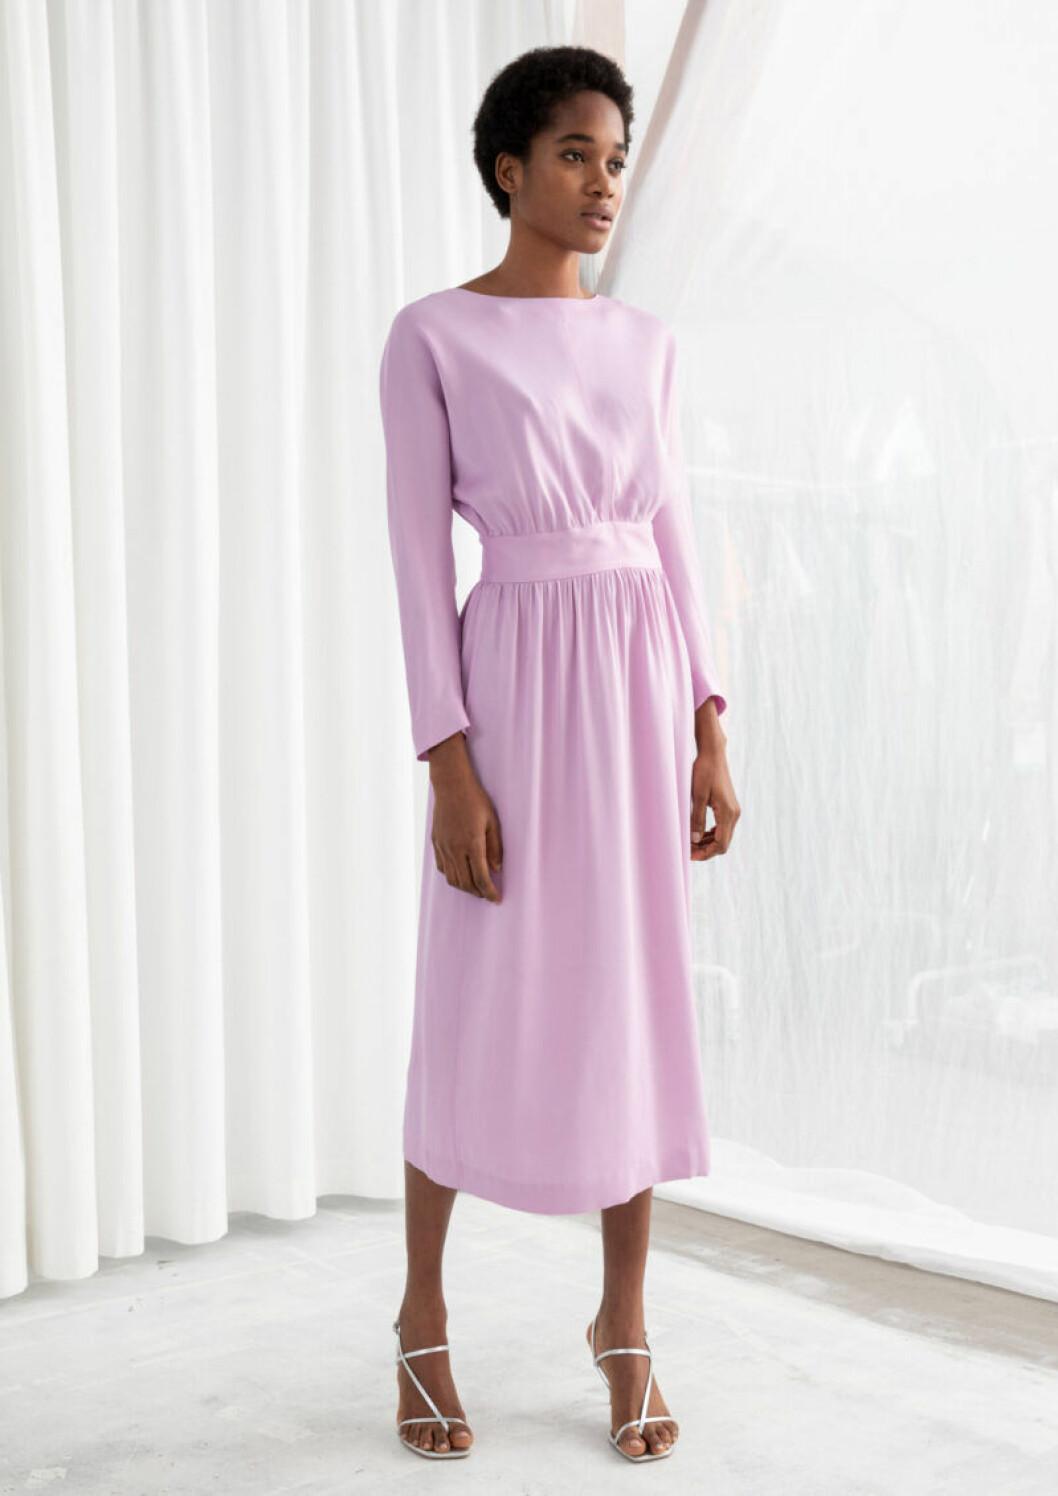 Klädkod kostym med rosa klänning